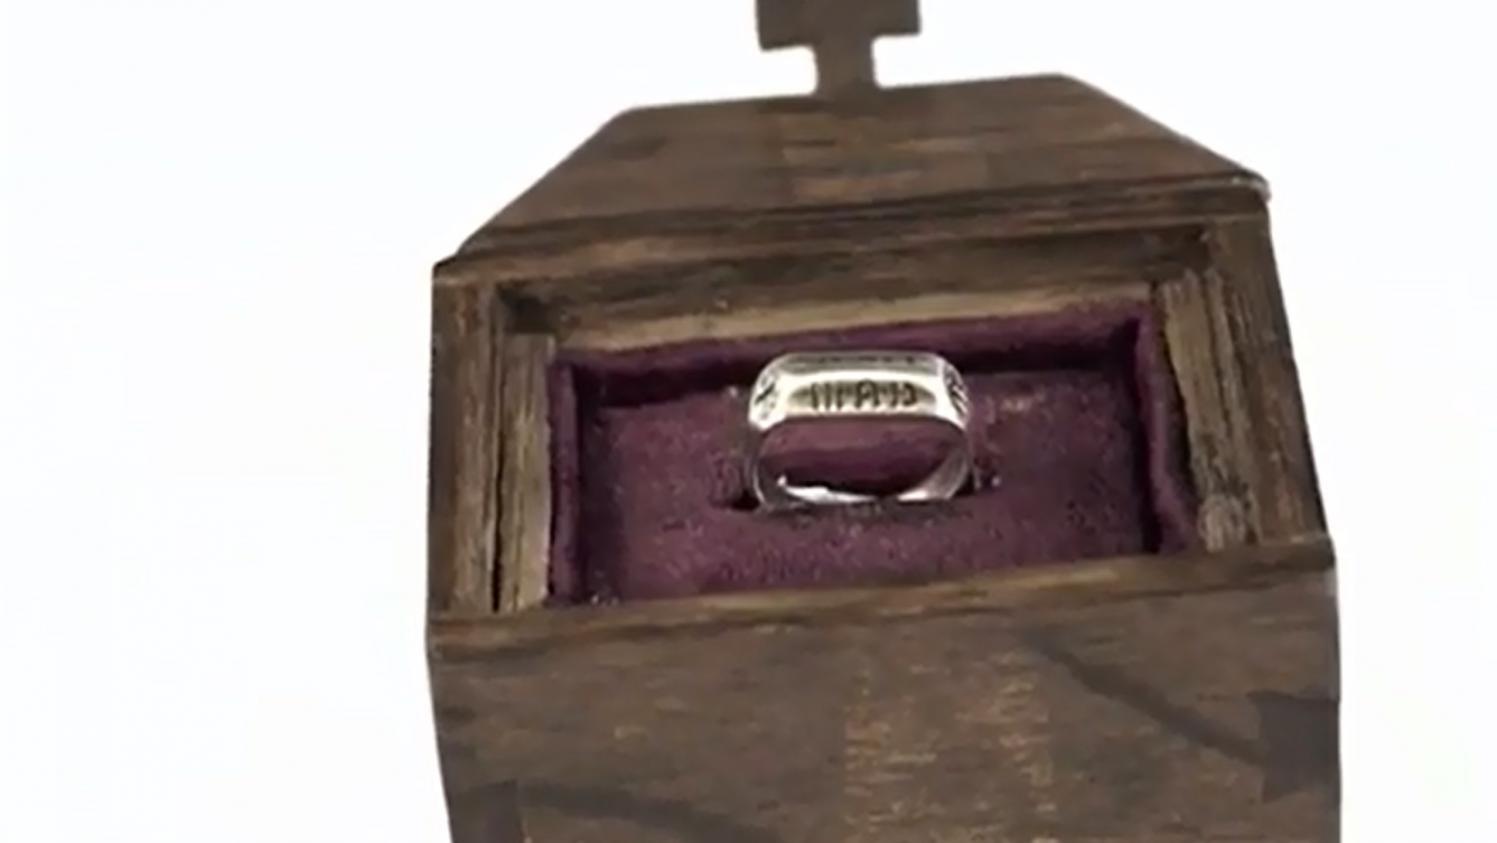 Quantité limitée magasiner pour le meilleur produits de qualité Le Puy du Fou rachète l'anneau de Jeanne d'Arc 376 000 euros